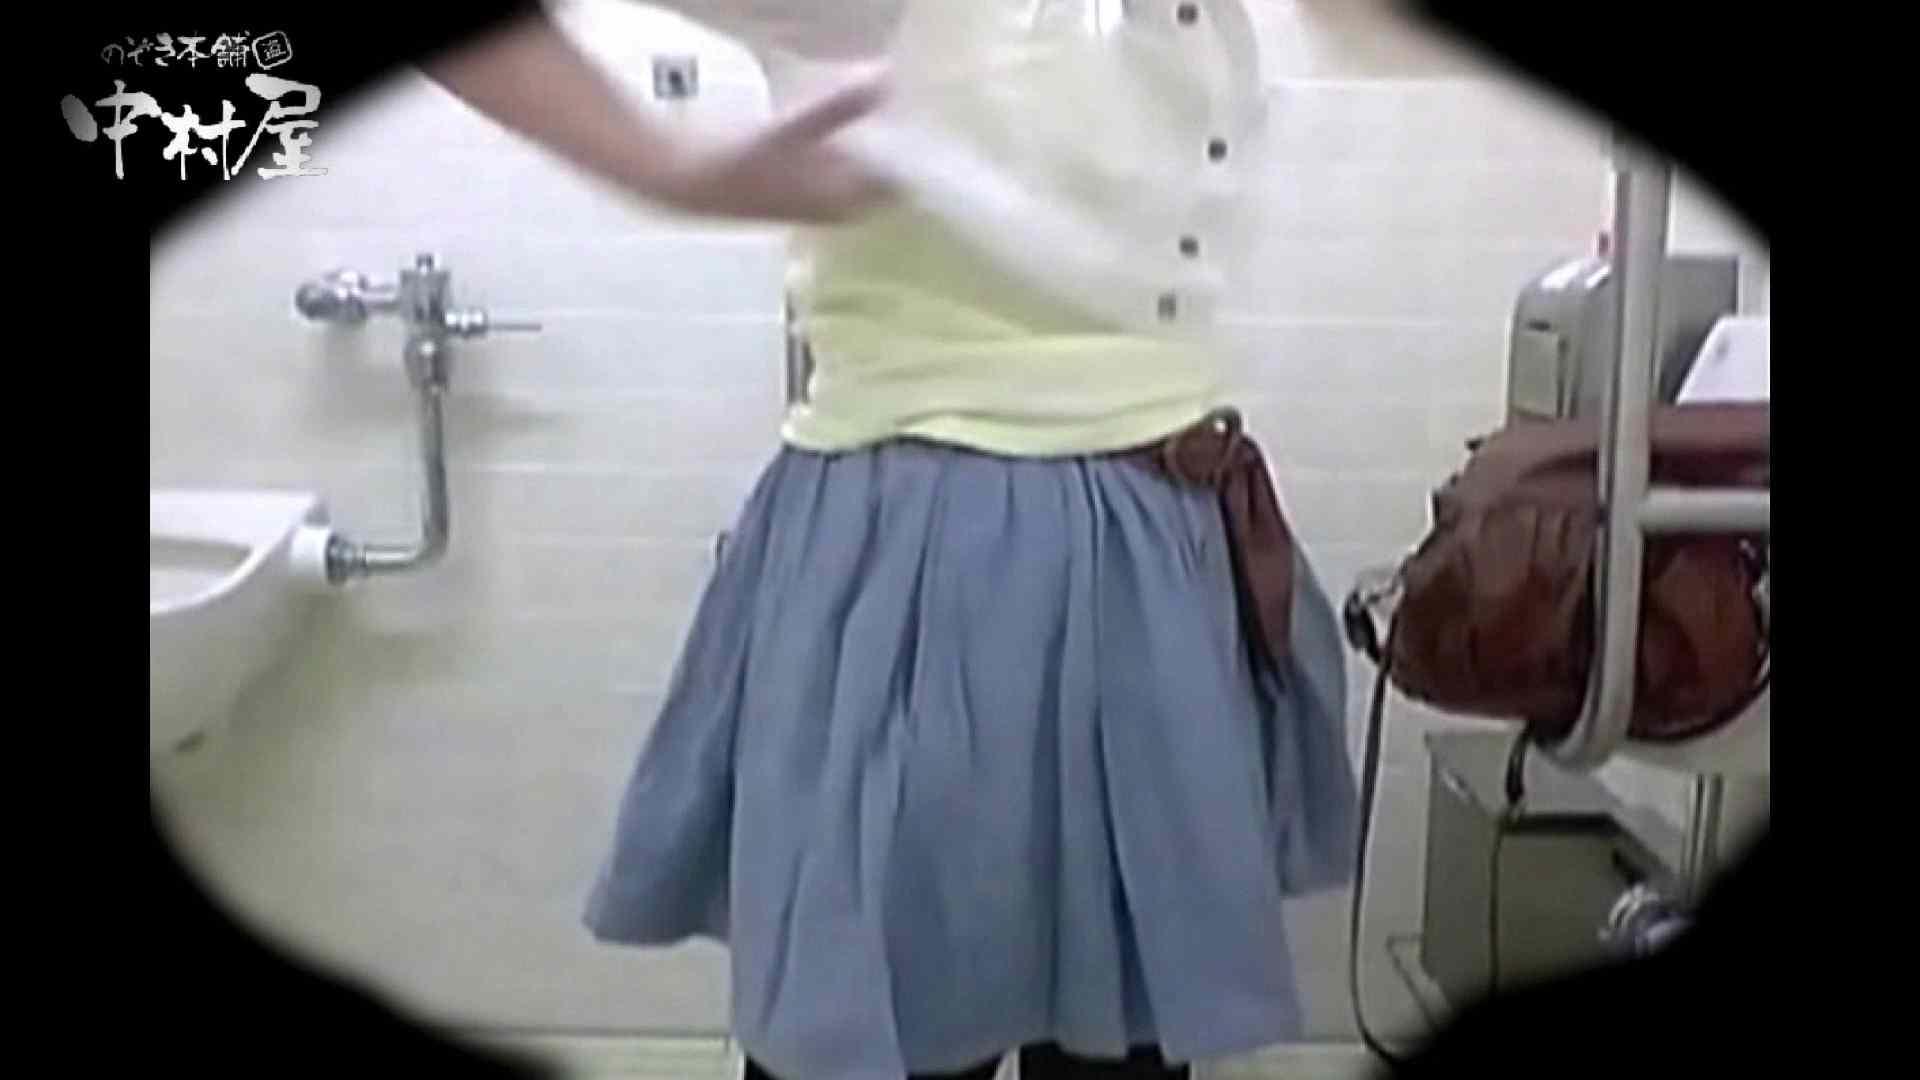 teen galトイレ覗き紙がナイ編‼vol.10 トイレ | 浴衣 盗撮 100PIX 25